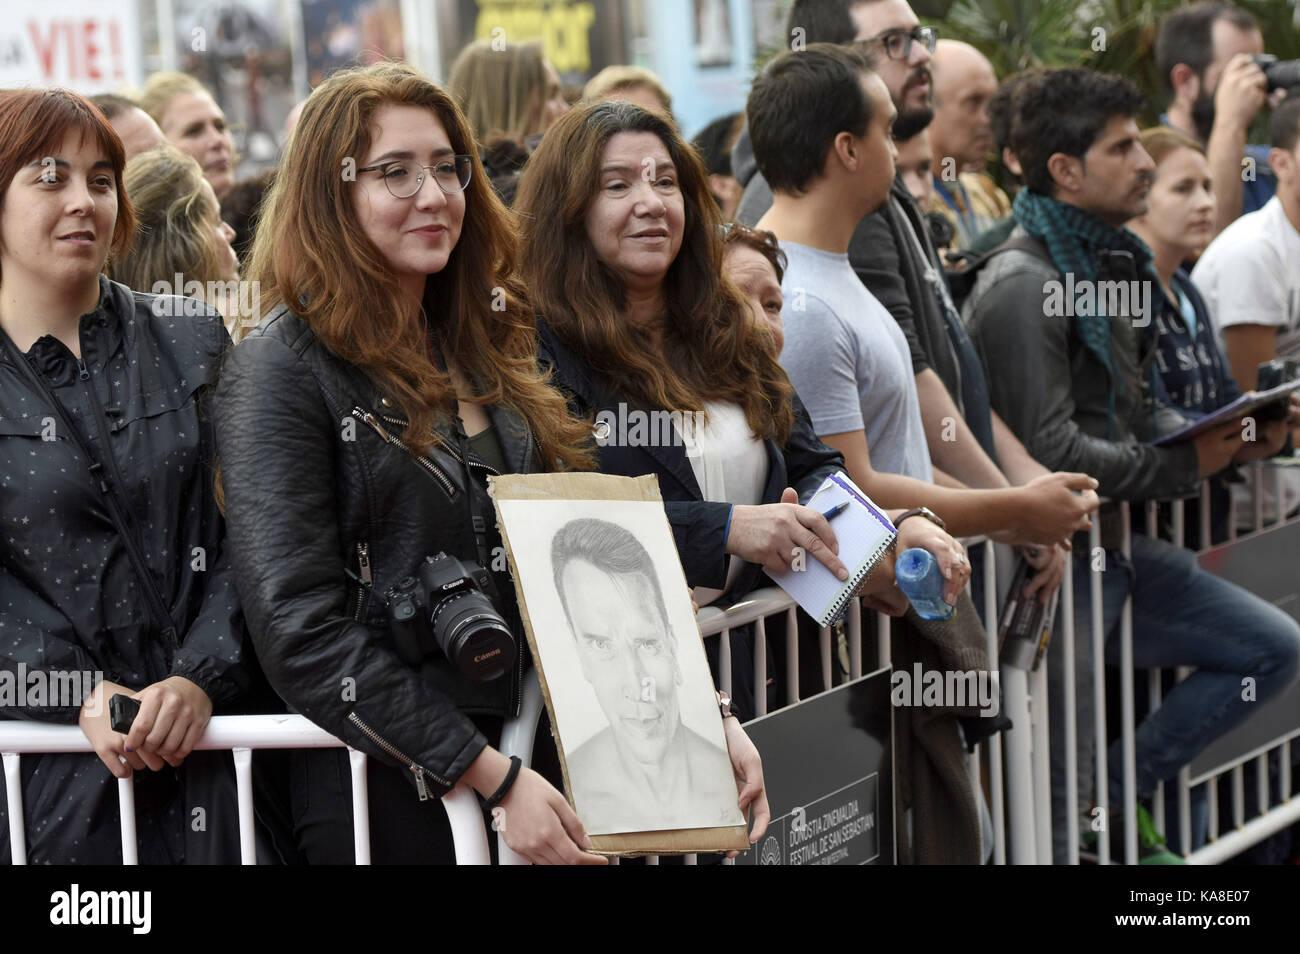 """San Sebastián, España. 25 sep, 2017. Los aficionados al """"Maravilla del mar 3d' premiere en el Victoria Eugenia teather Foto de stock"""